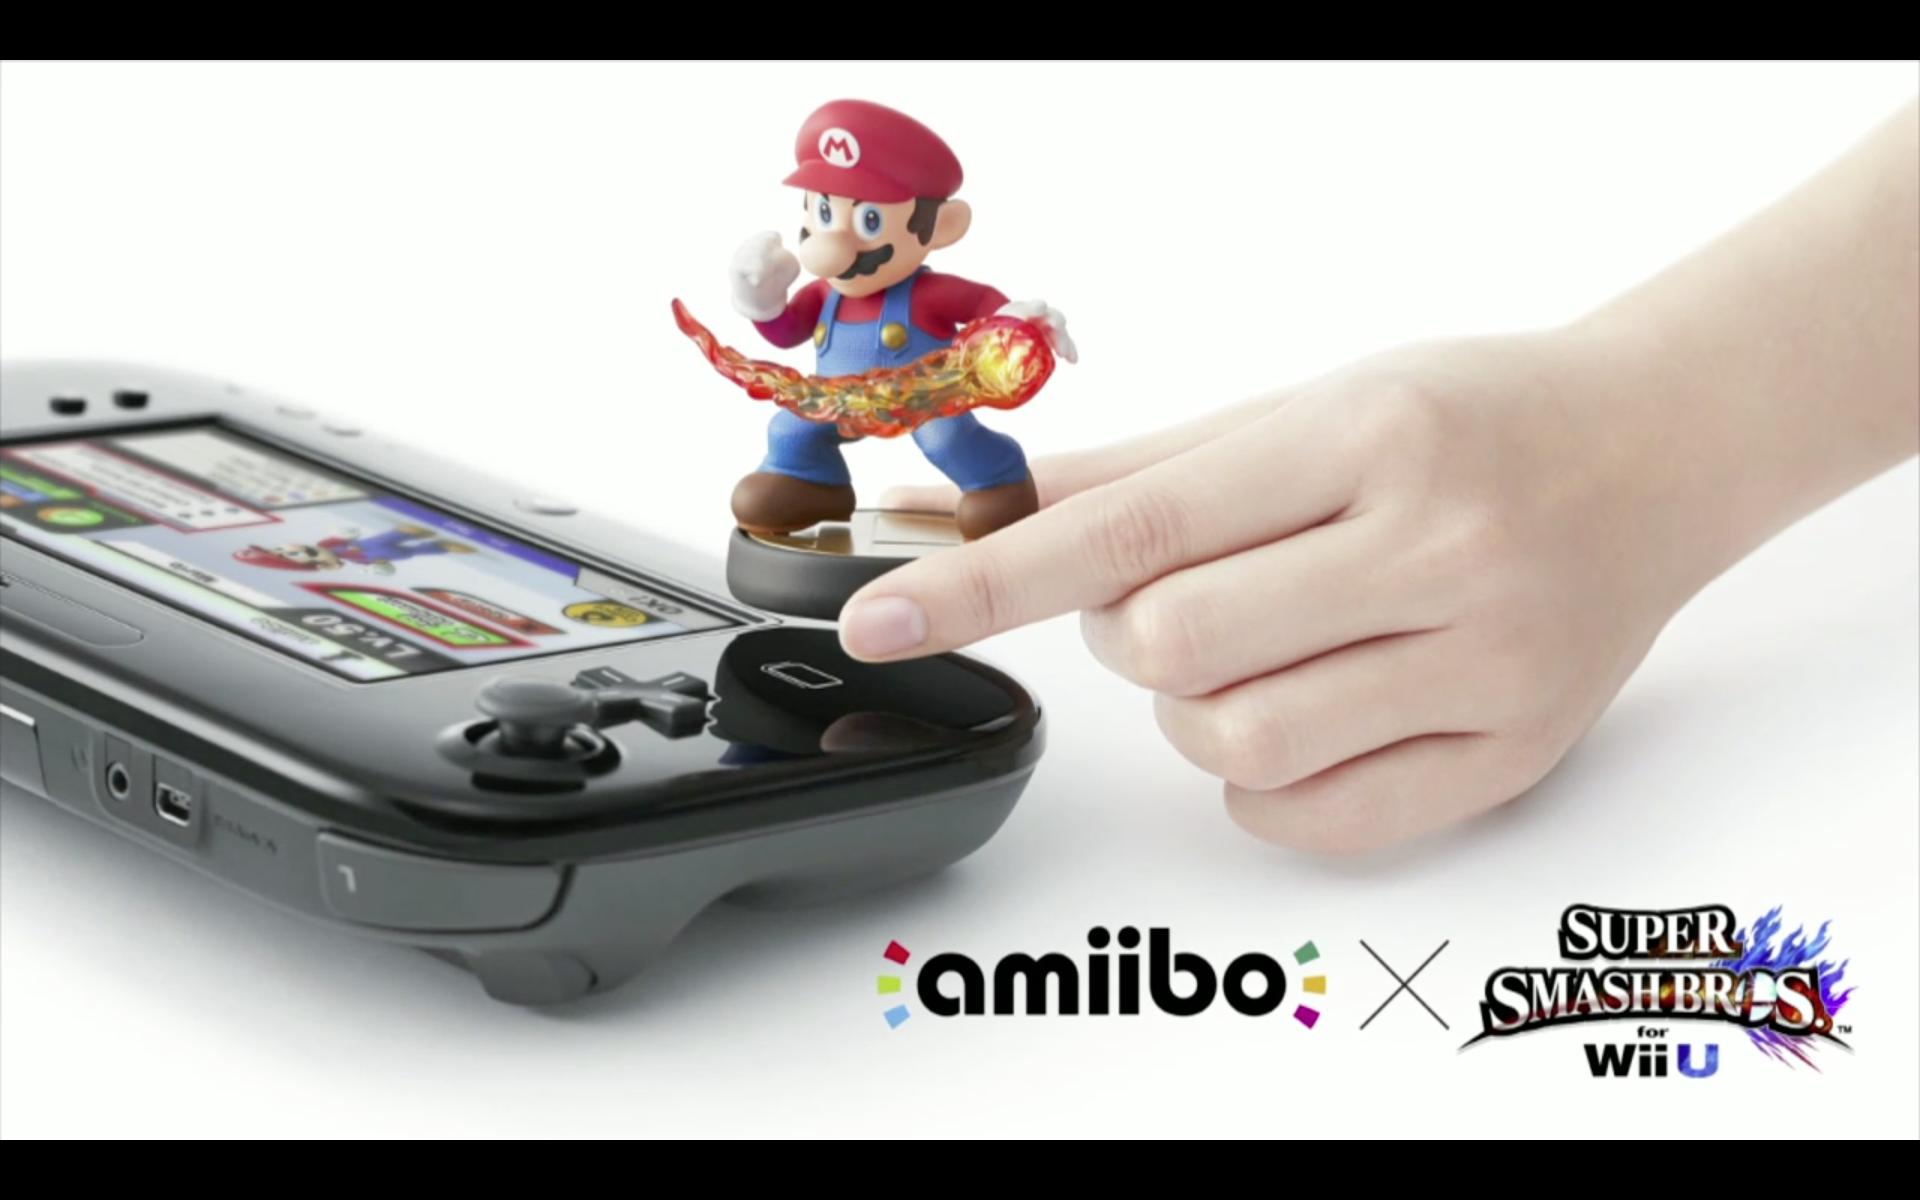 Nintendo Amiibo figures put toys into your game